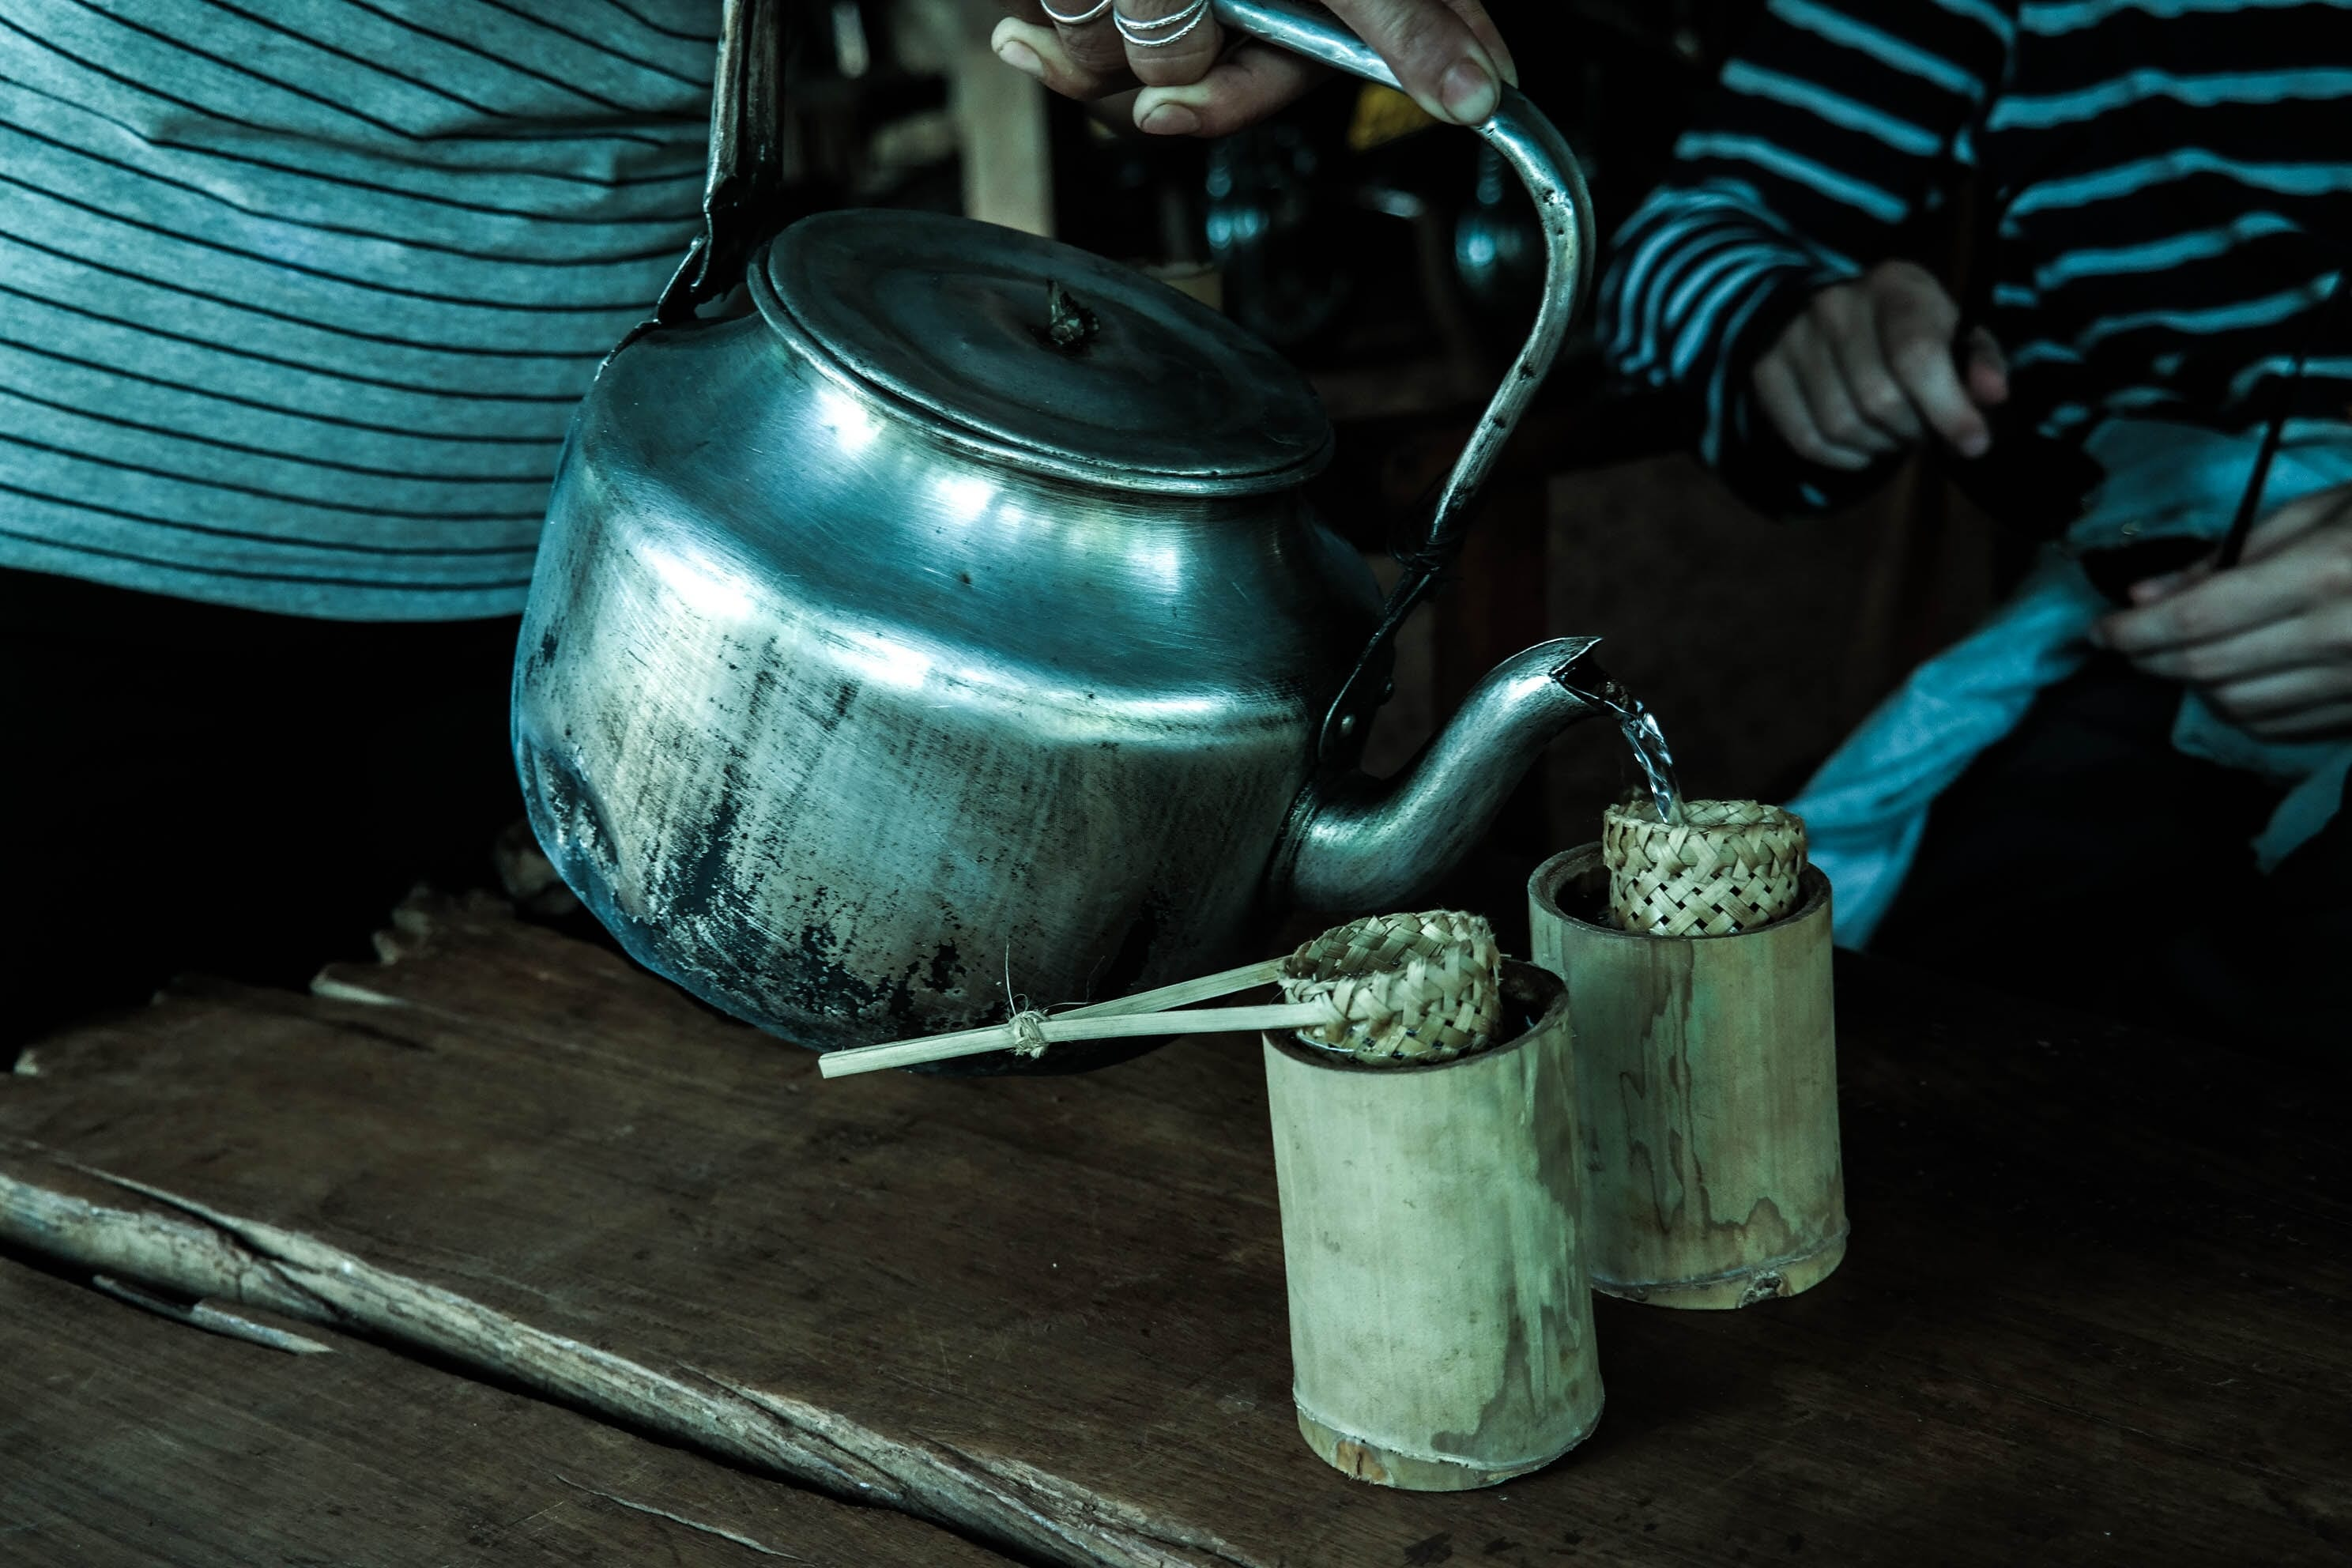 tea strainer vs tea infuser